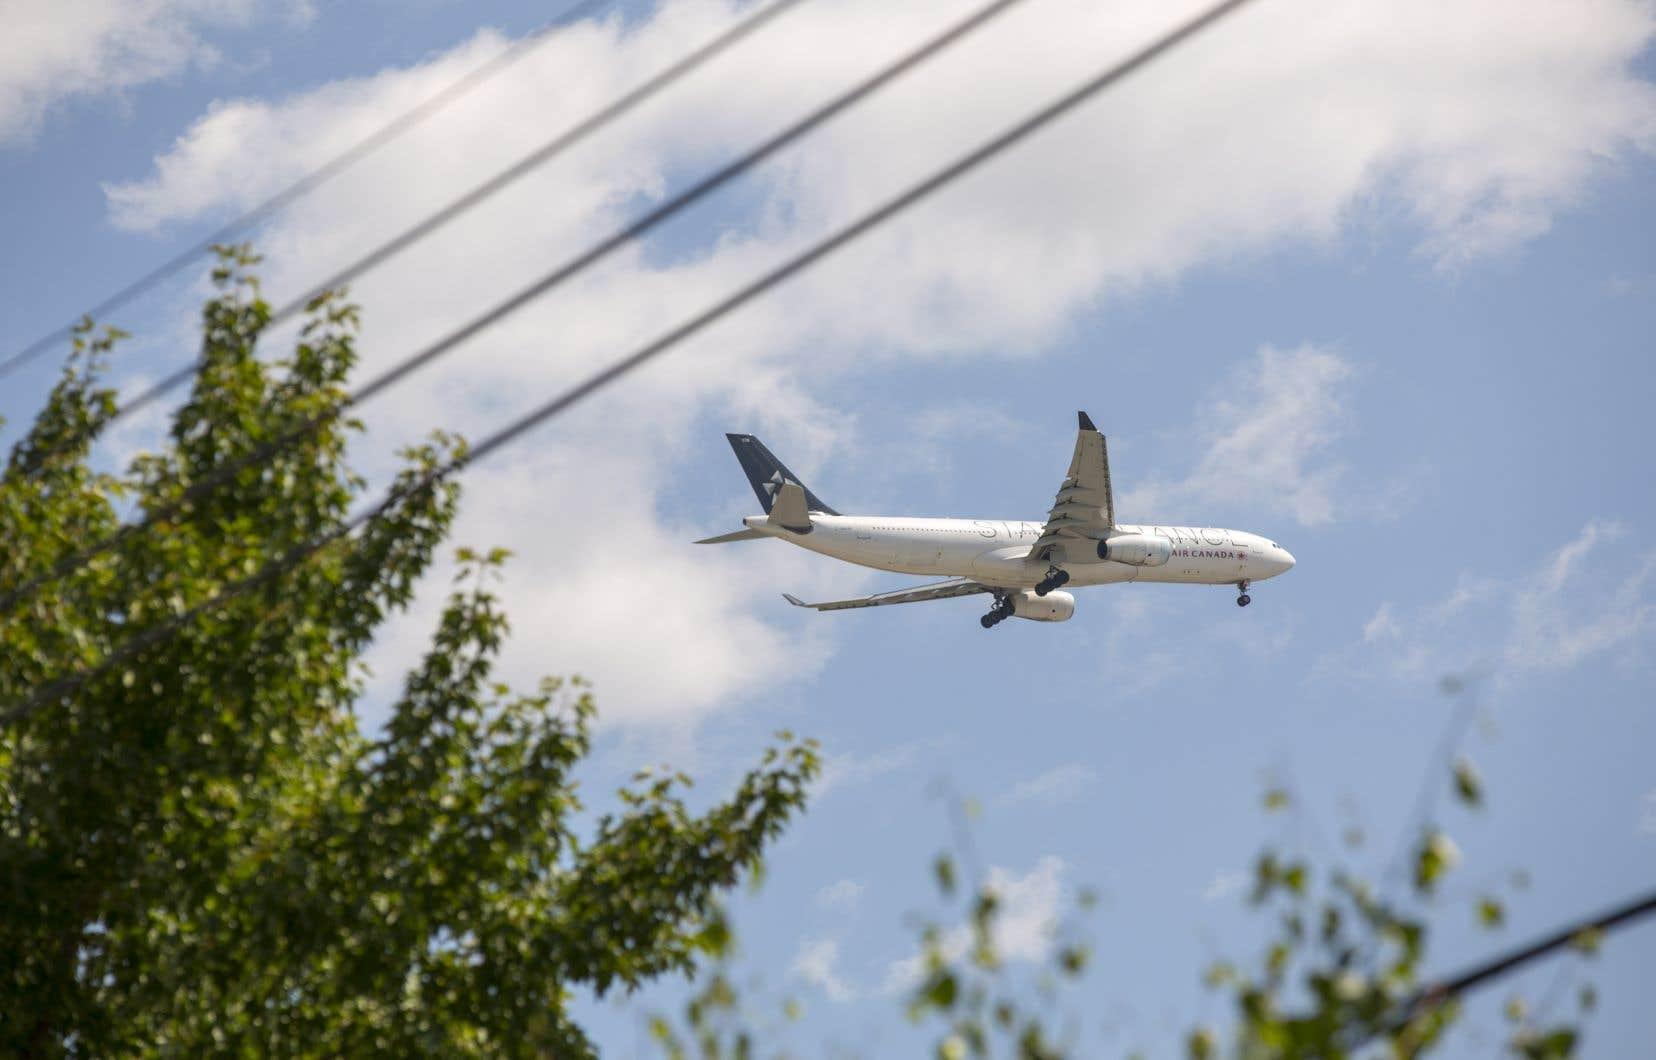 L'objectif de Corsia, tel qu'adopté en 2016, visait à atteindre «la neutralité de la croissance carbone», c'est-à-dire maintenir le niveau des émissions de gaz à effet de serre du secteur de l'aviation atteint en 2020.